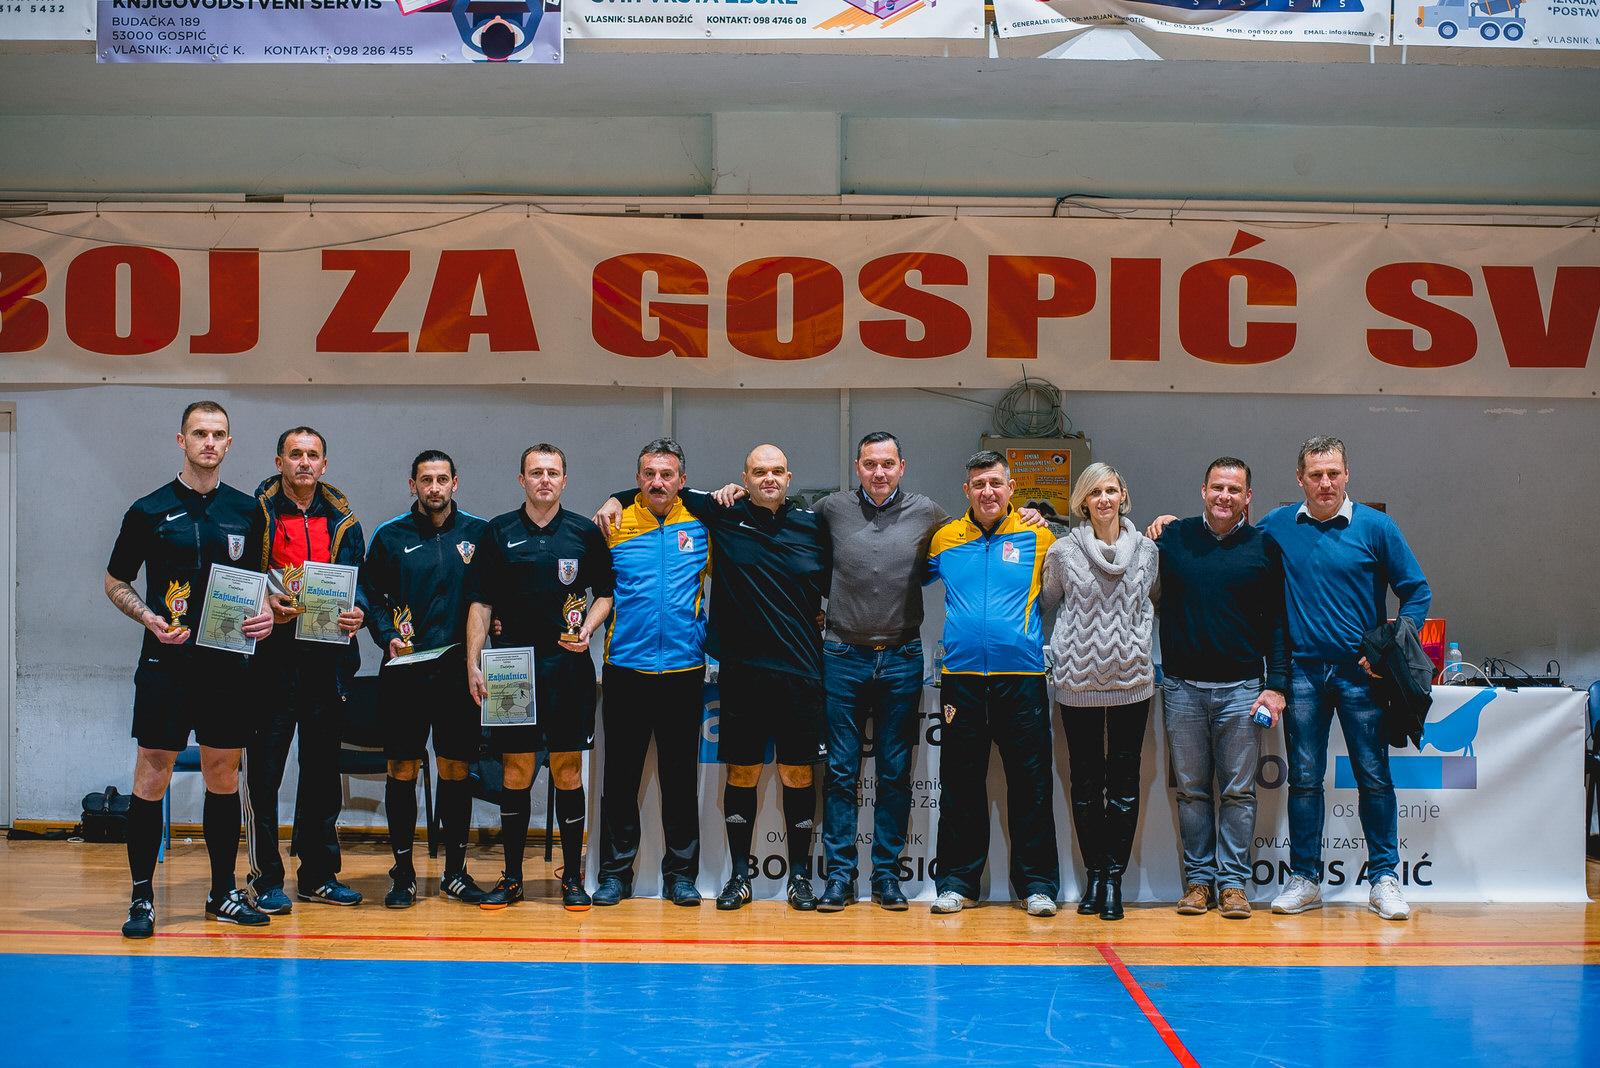 likaclub_gospić_zimski-malonogometni-turnir-2018-19-118